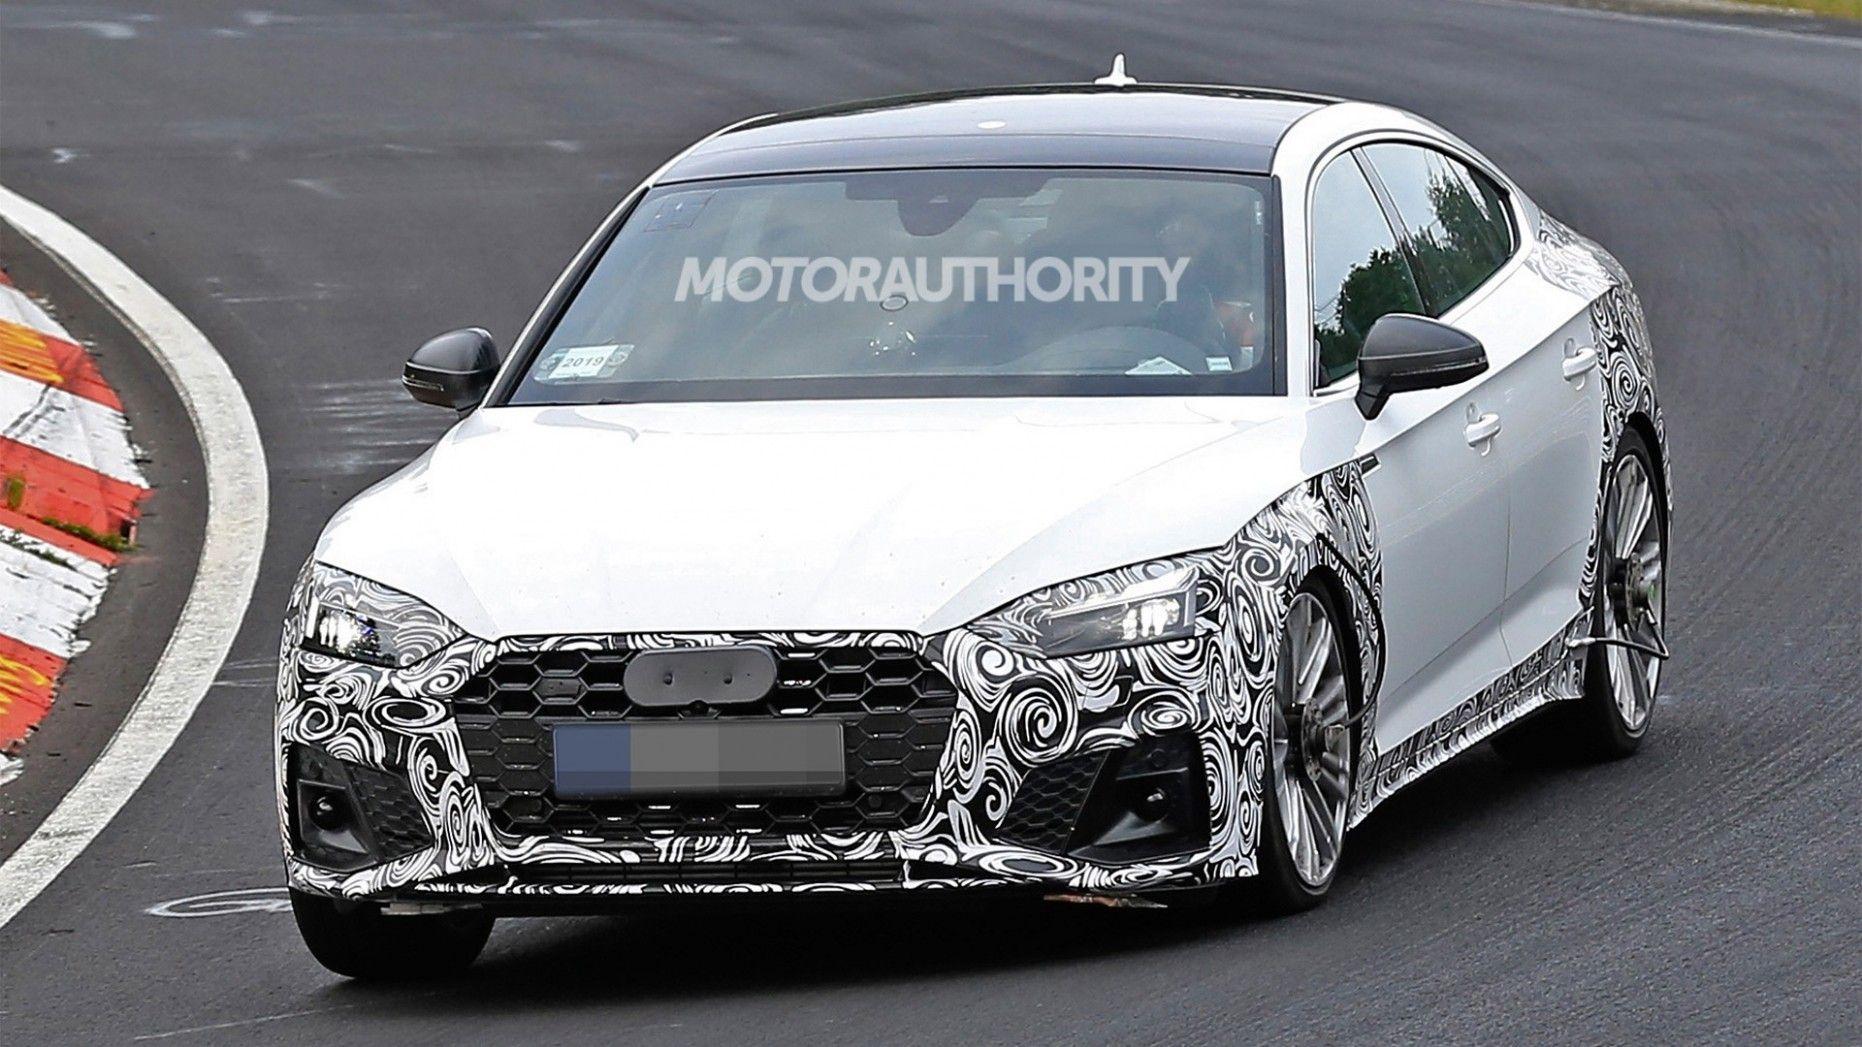 2021 Audi Rs5 In 2020 Audi S5 Audi Rs5 Audi S5 Sportback